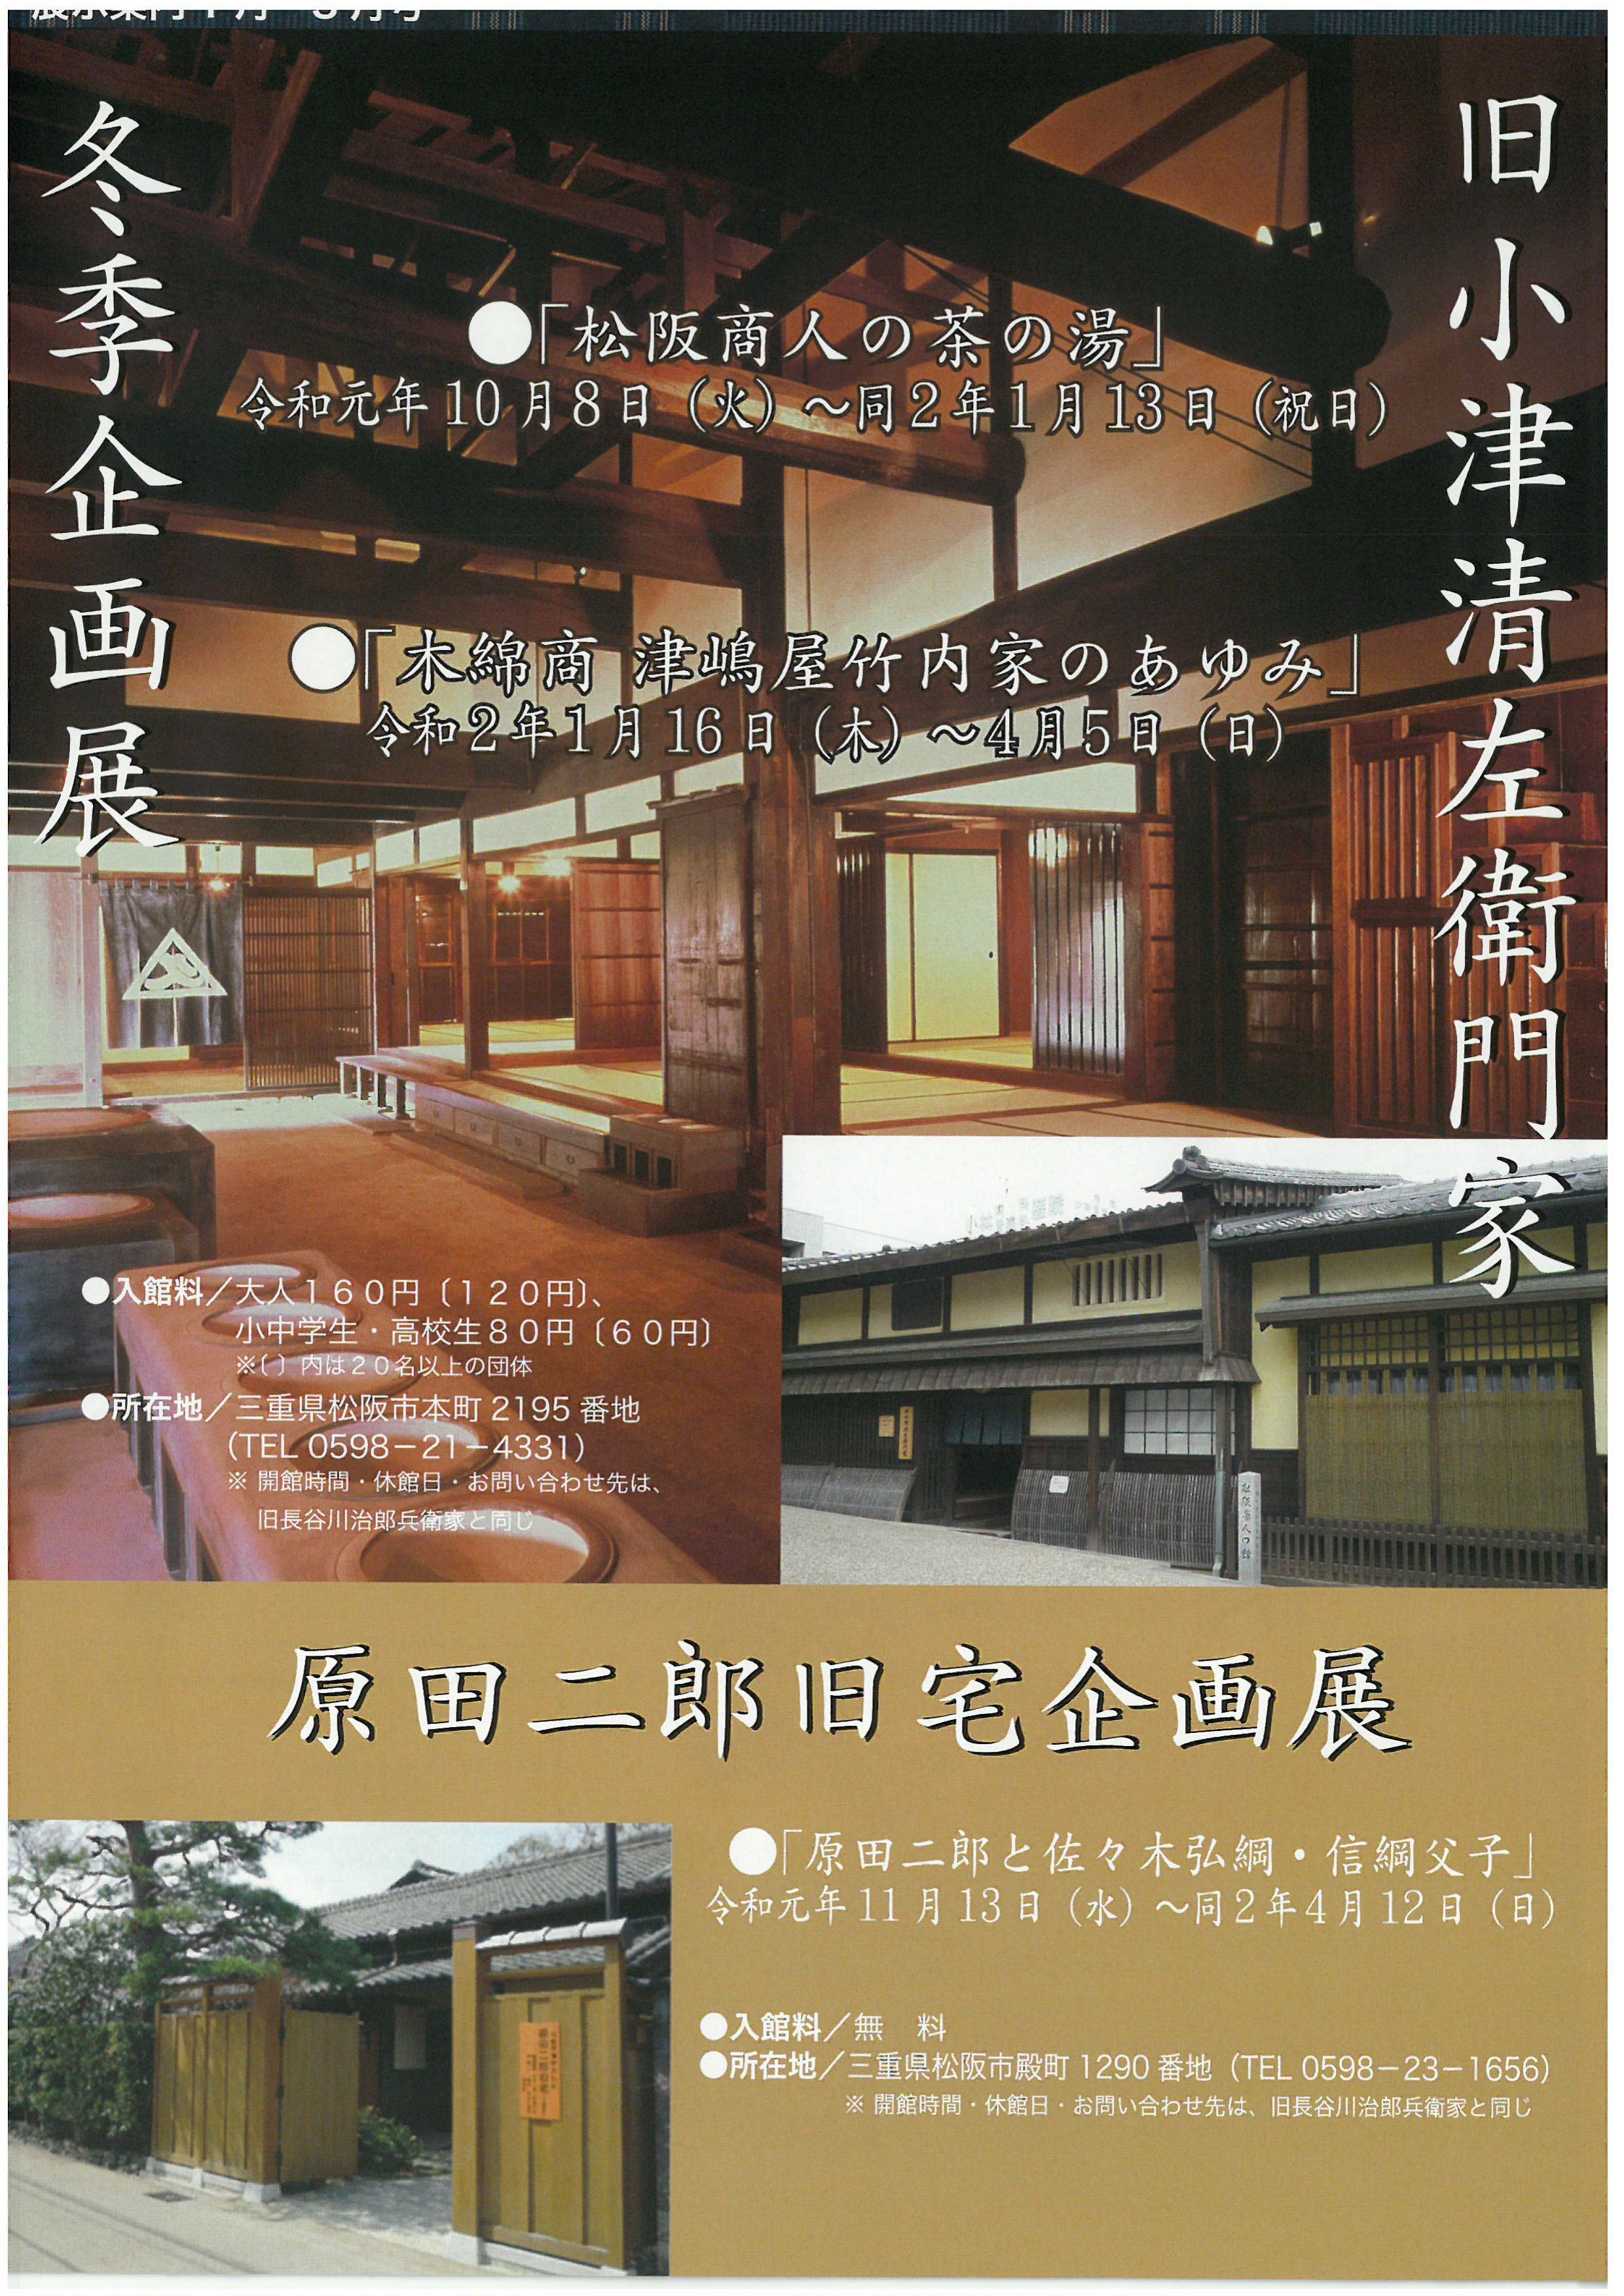 「木綿商 津嶋屋竹内家のあゆみ」令和2年1月16日(木)~4月5日(日)